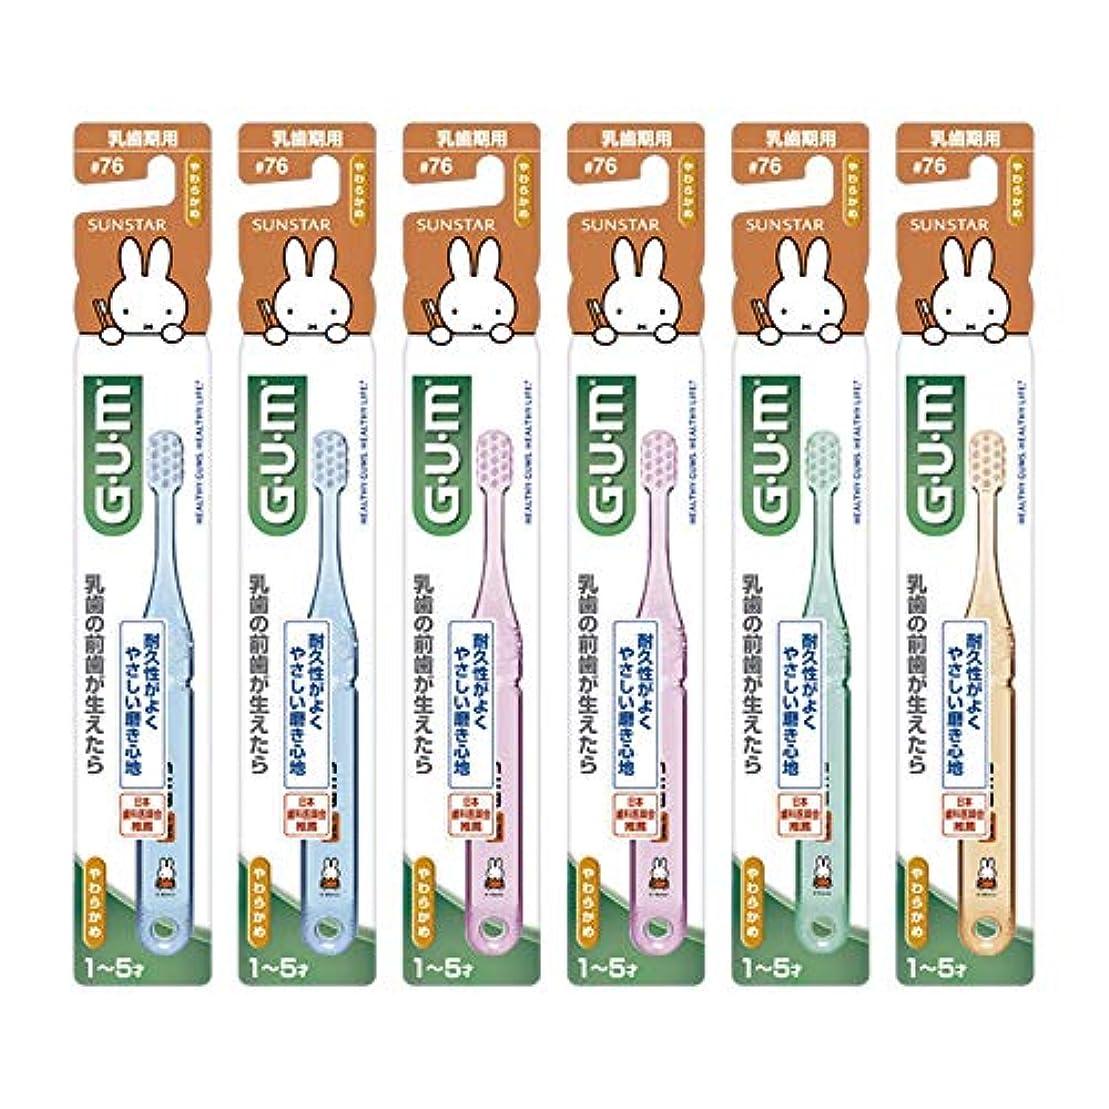 宅配便男らしい振幅GUM(ガム) デンタル こども 歯ブラシ #76 [乳歯期用/やわらかめ] 6本パック+ おまけつき【Amazon.co.jp限定】